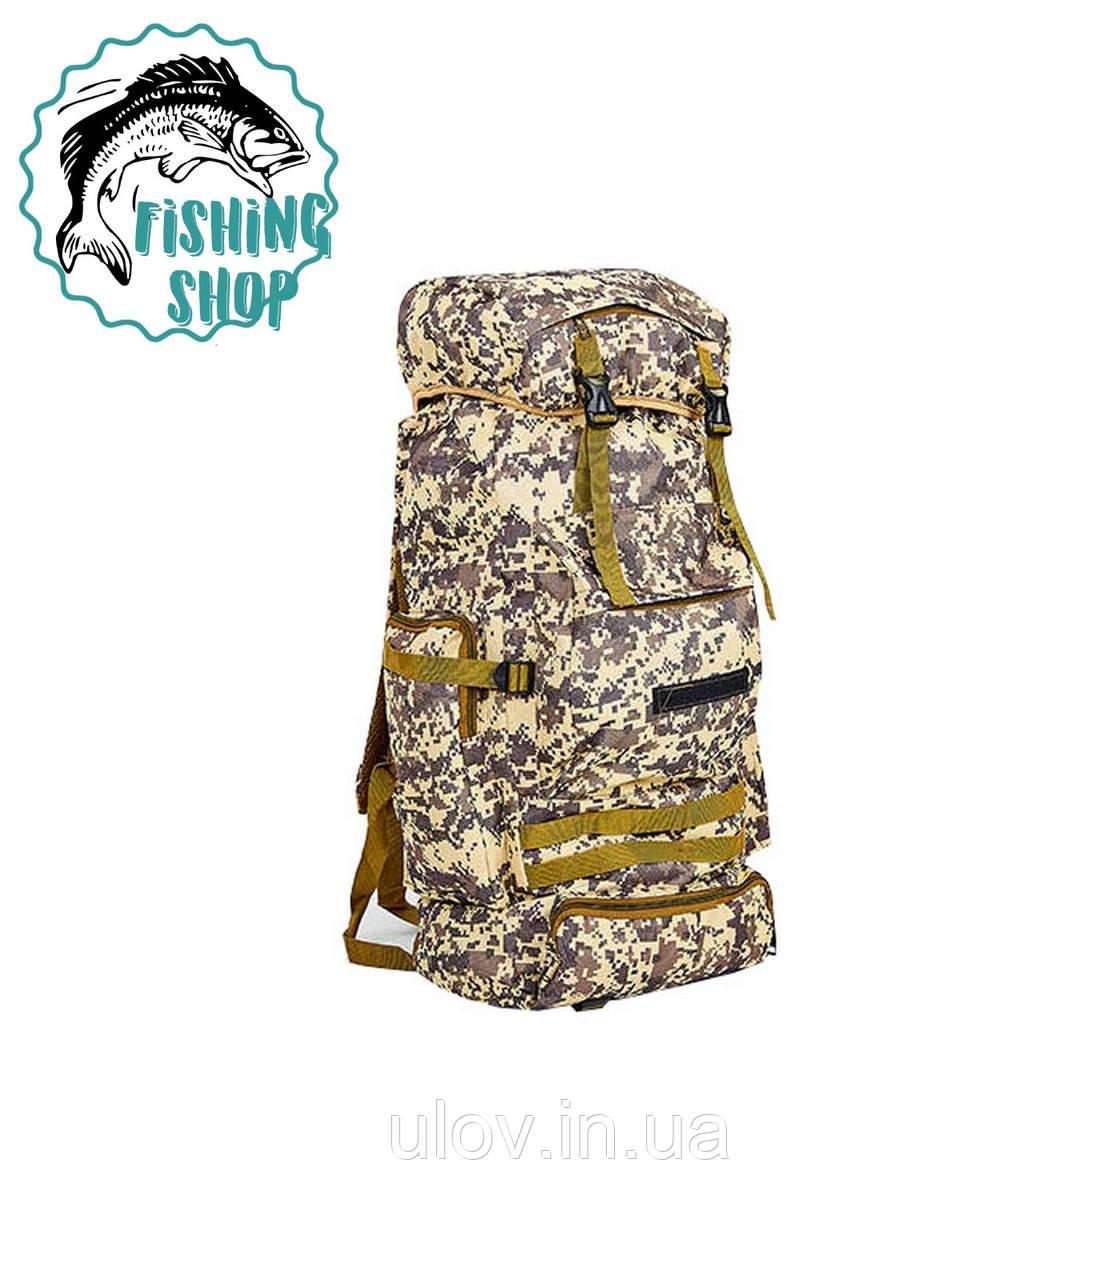 Рюкзак туристический (серый пиксель)  65л/ 58*34*16.5см